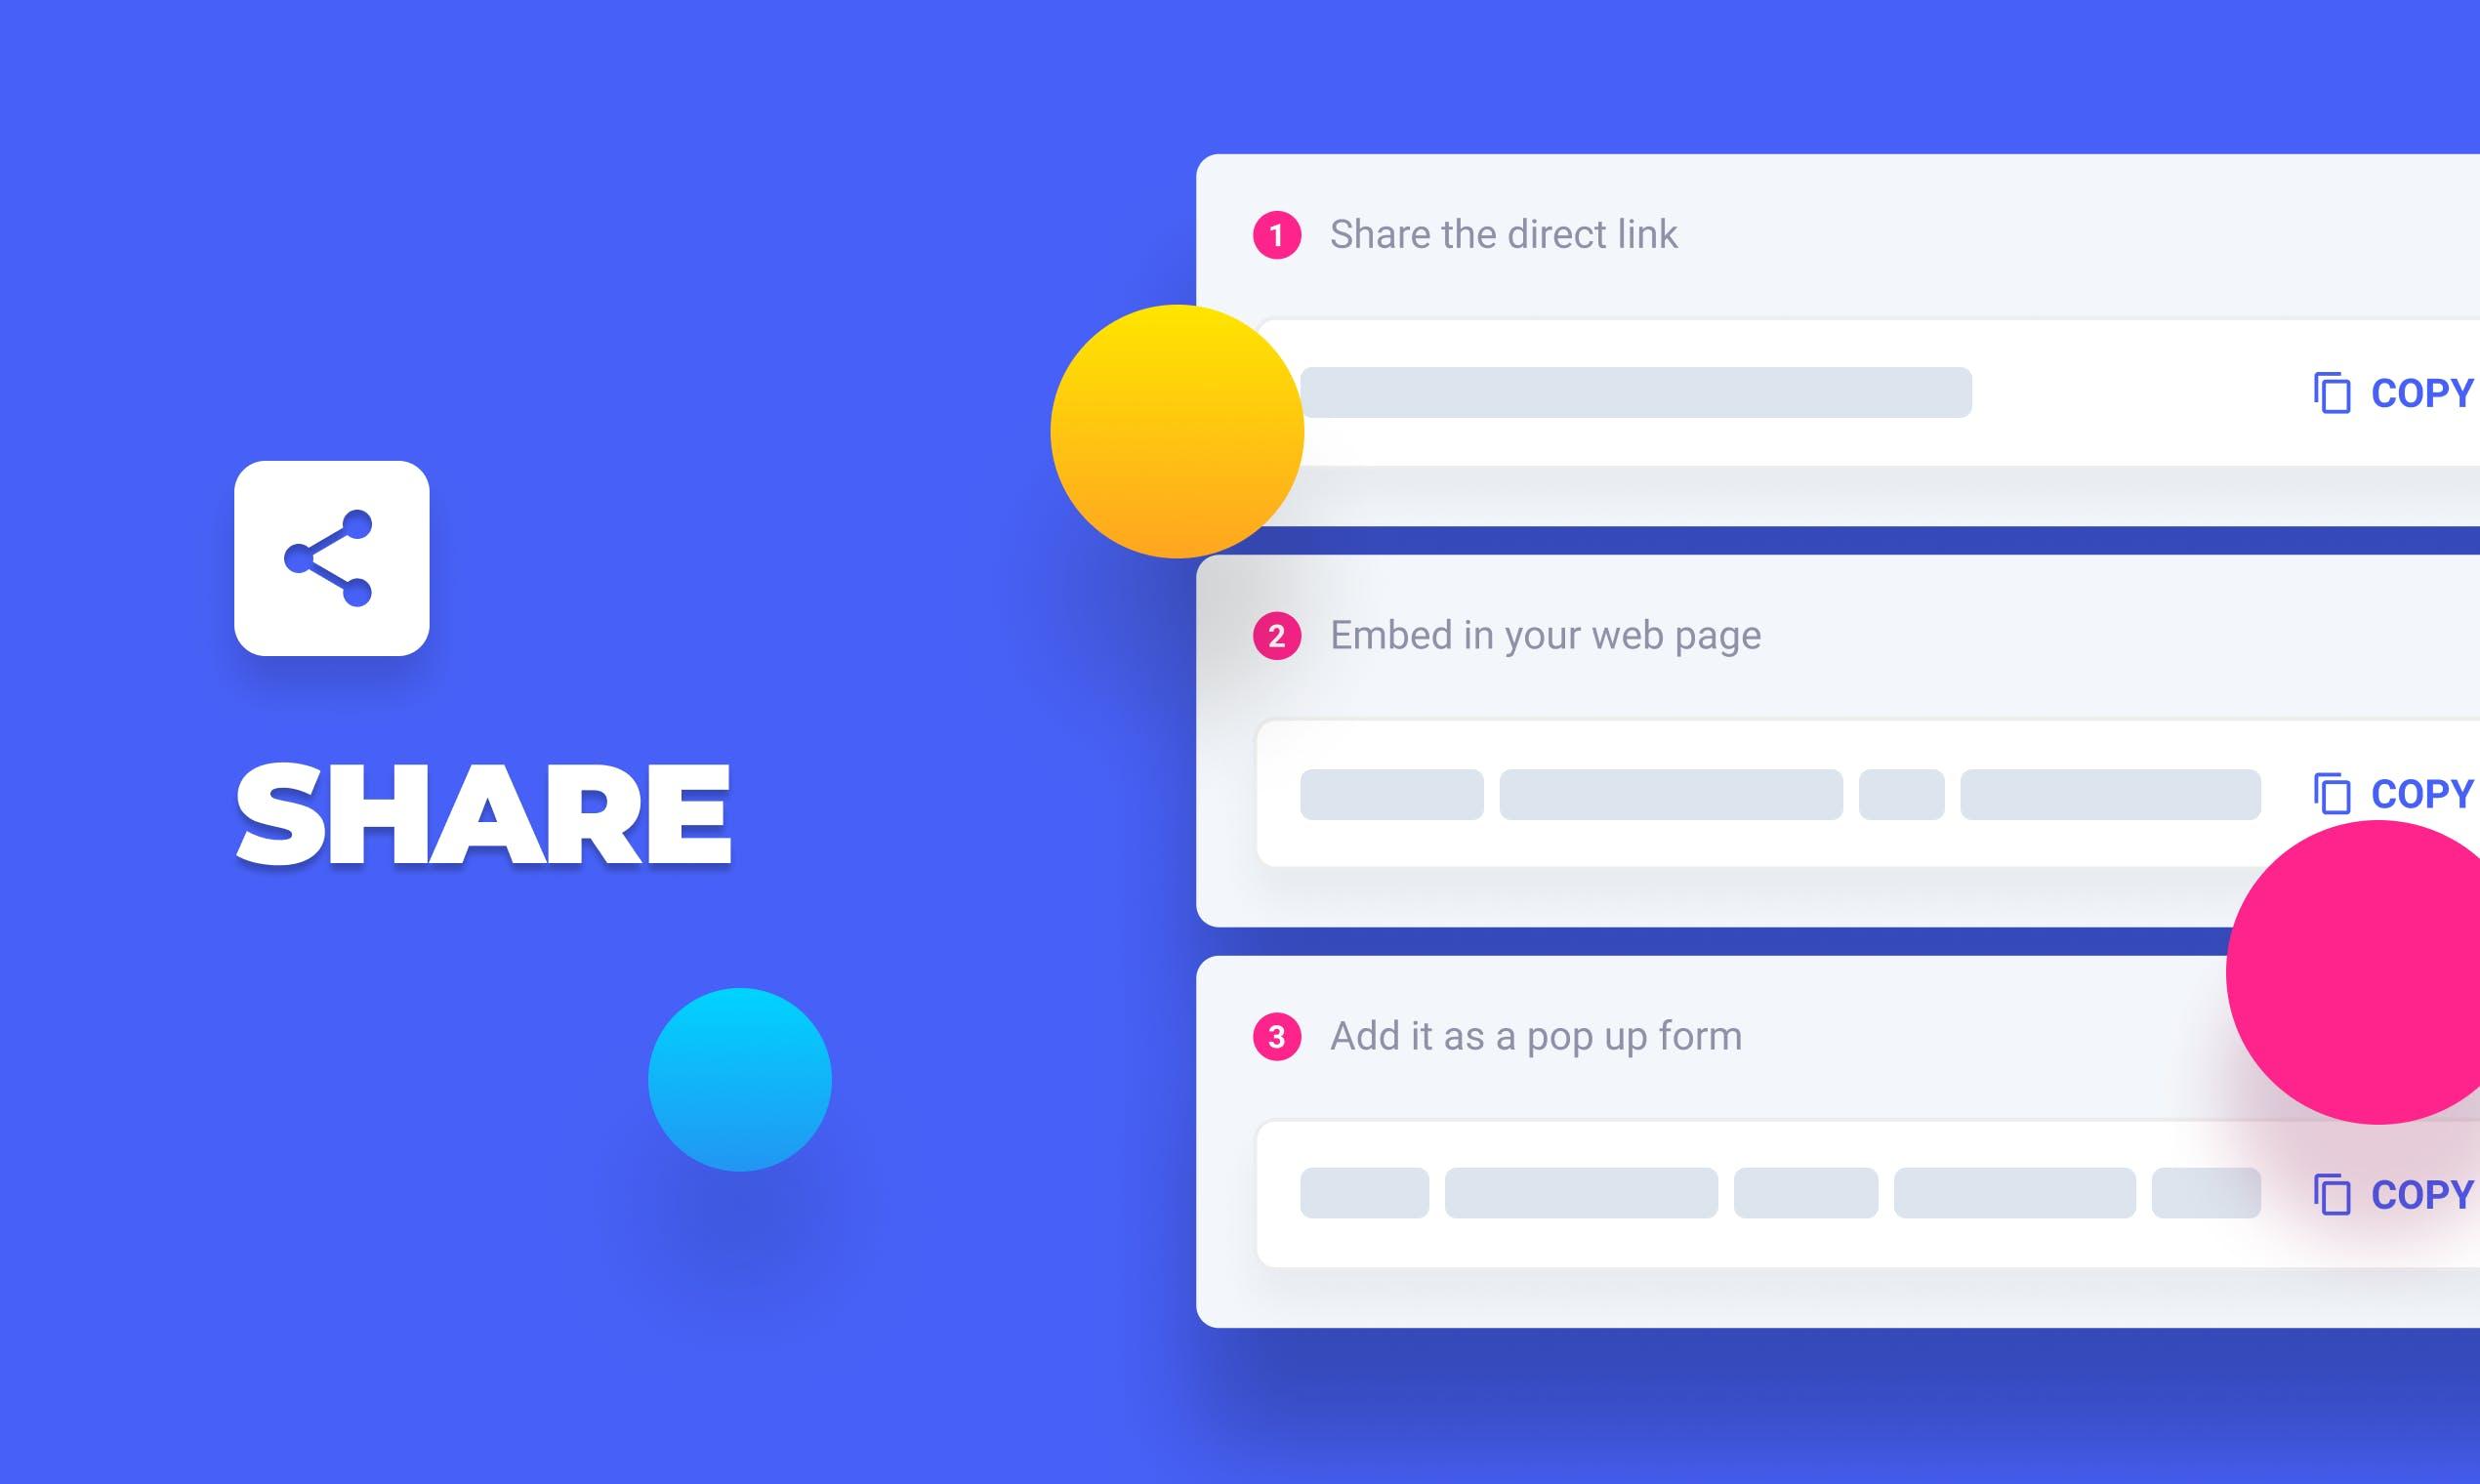 Cách tạo biểu mẫu online không cần đăng ký tài khoản 1